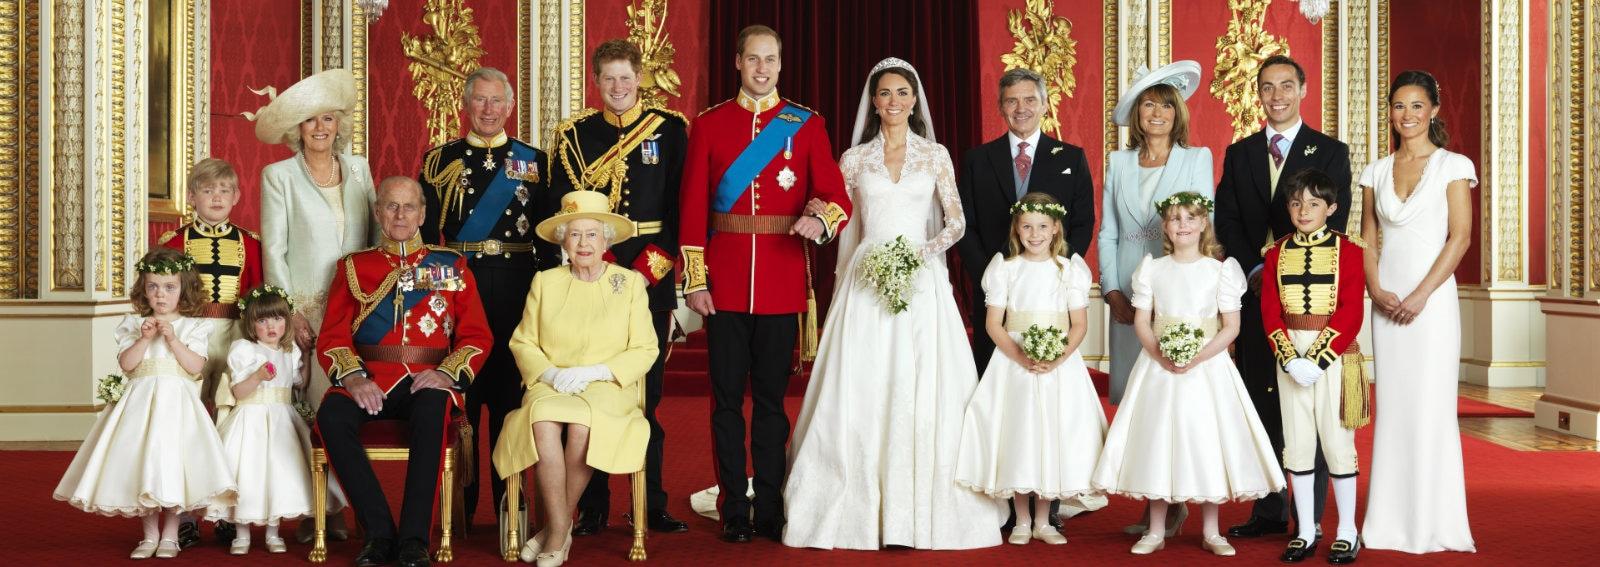 royal family william e kate matrimonio